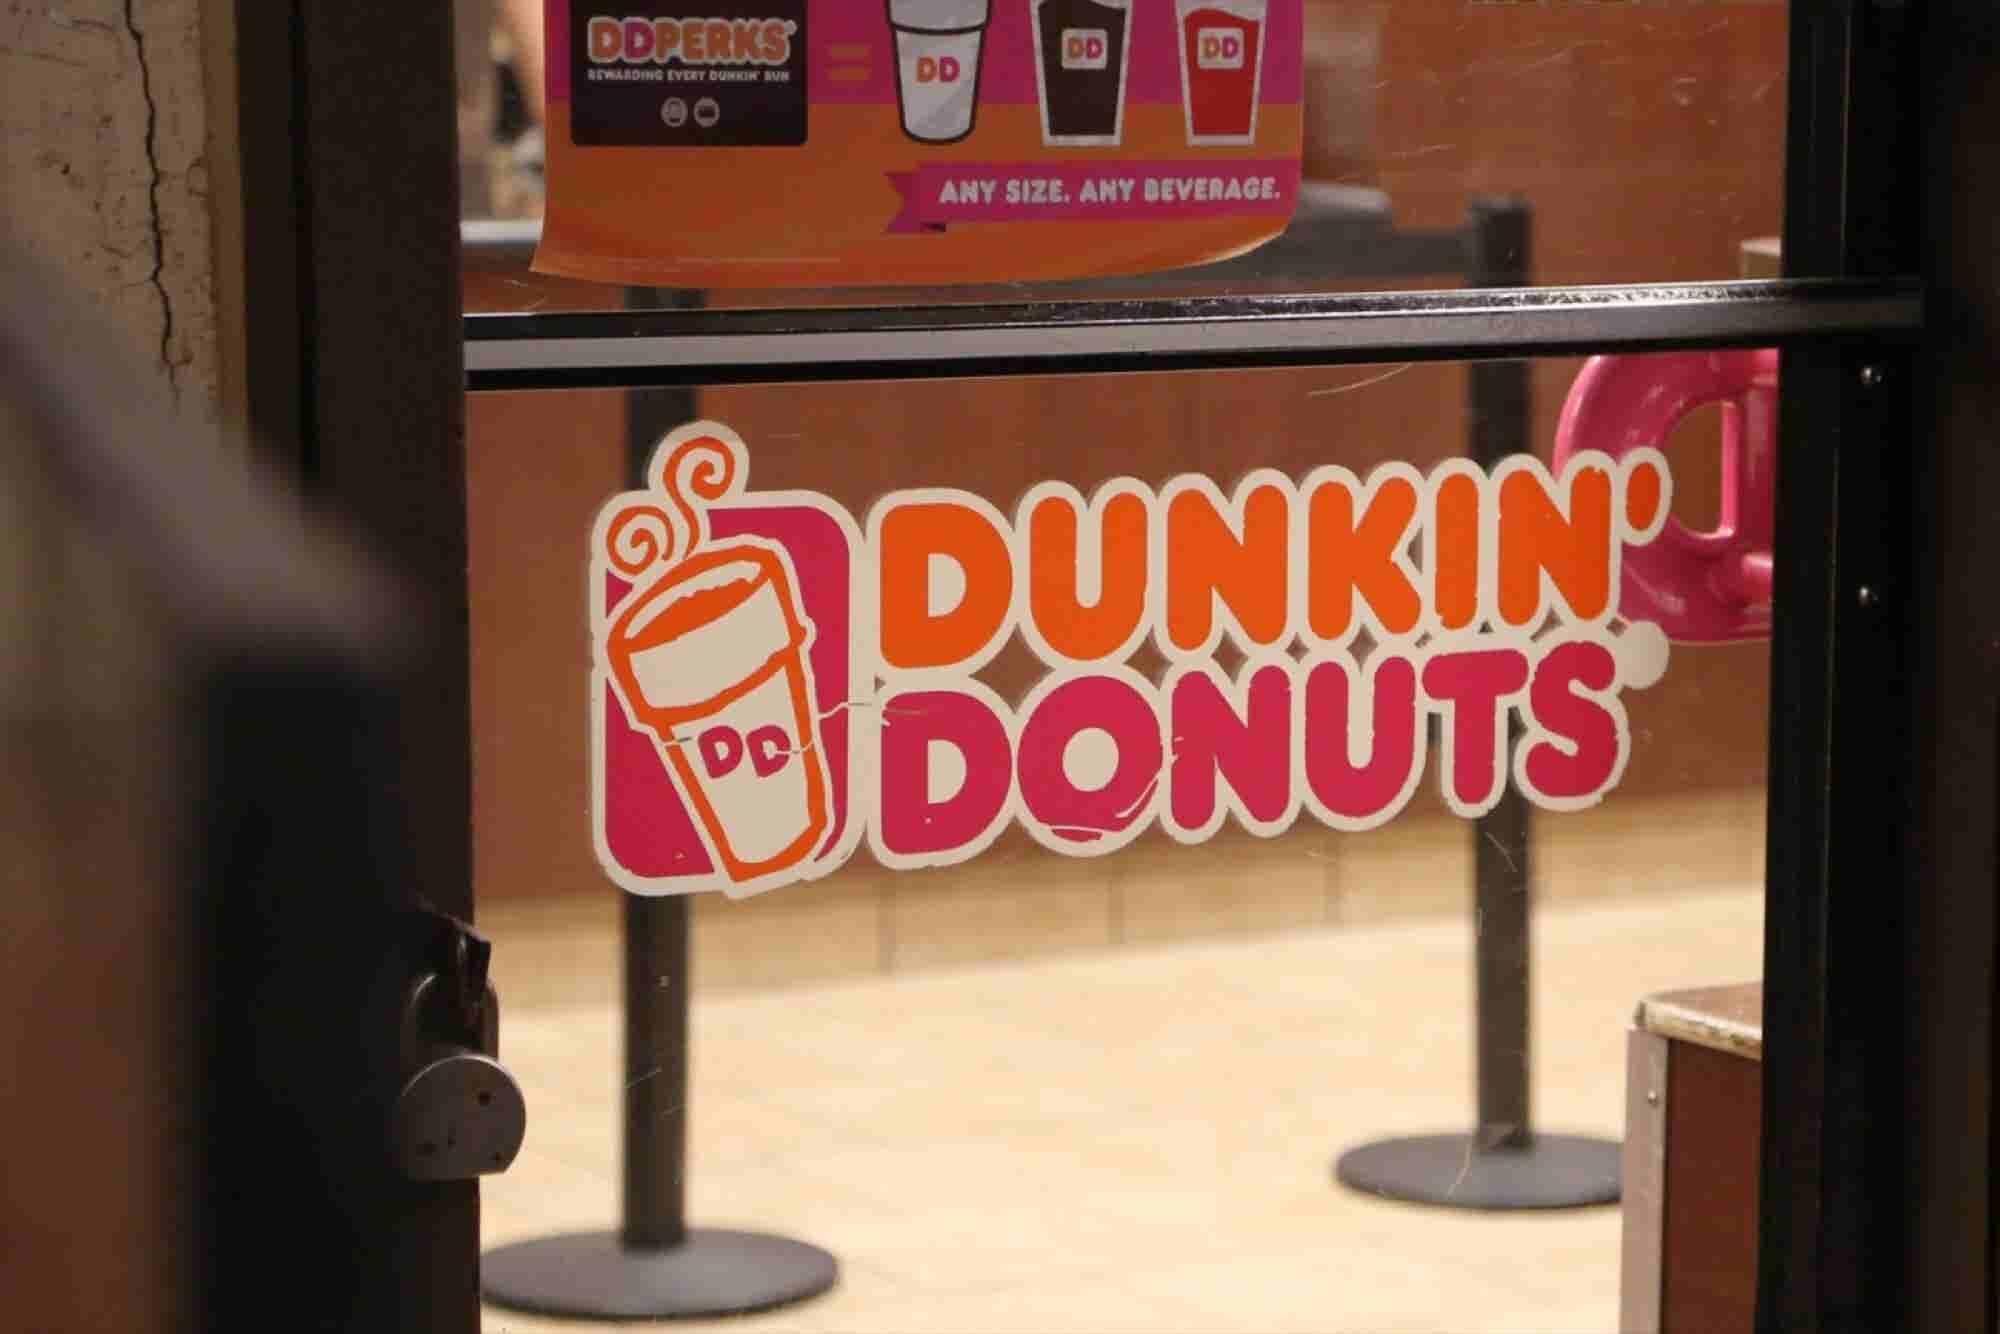 Dunkin' Sales Warm Up Despite Frigid Winter